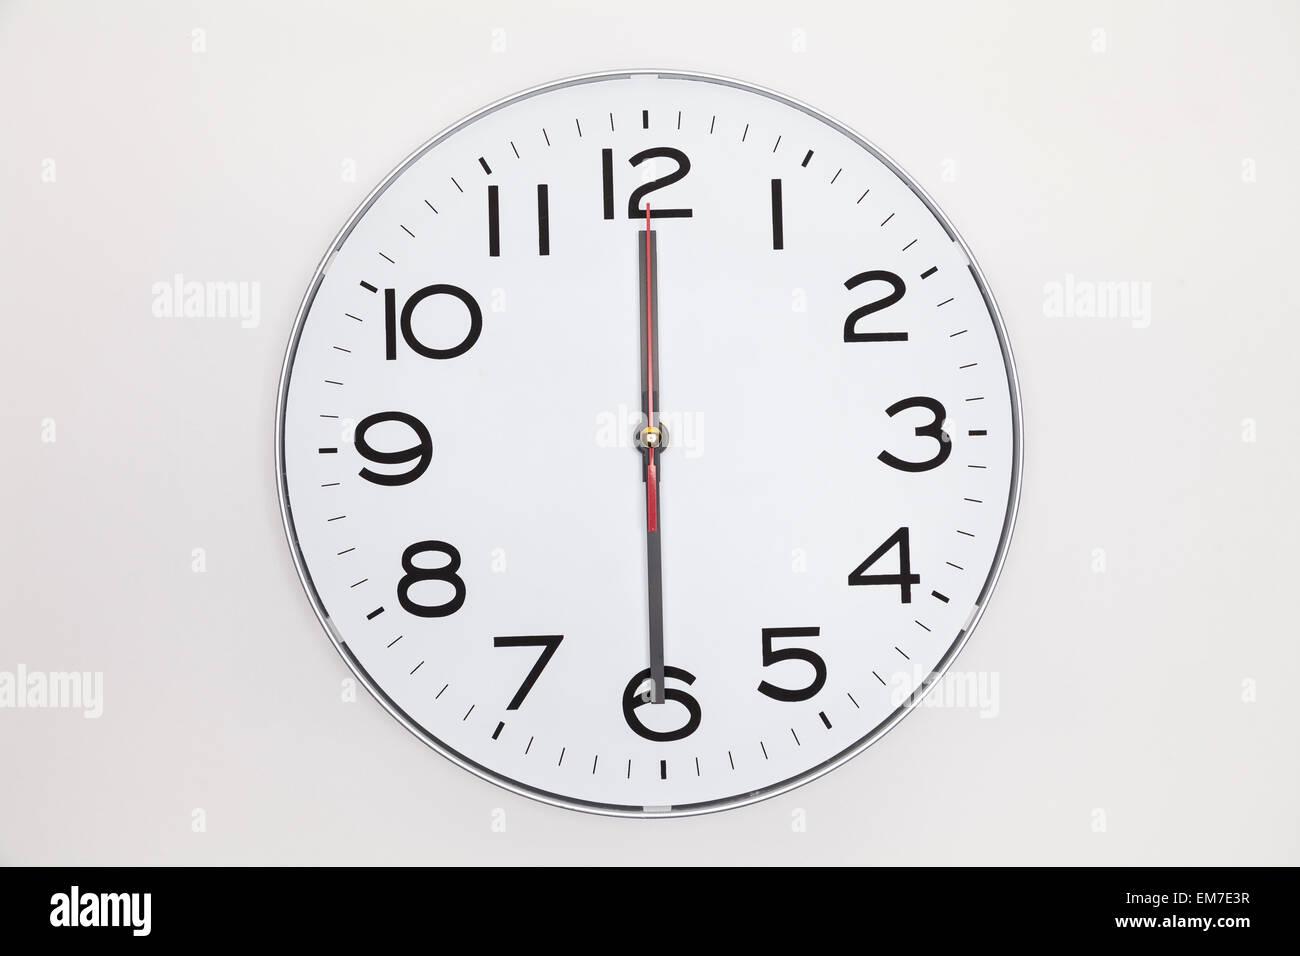 Clock 12 30 Stock Photos Amp Clock 12 30 Stock Images